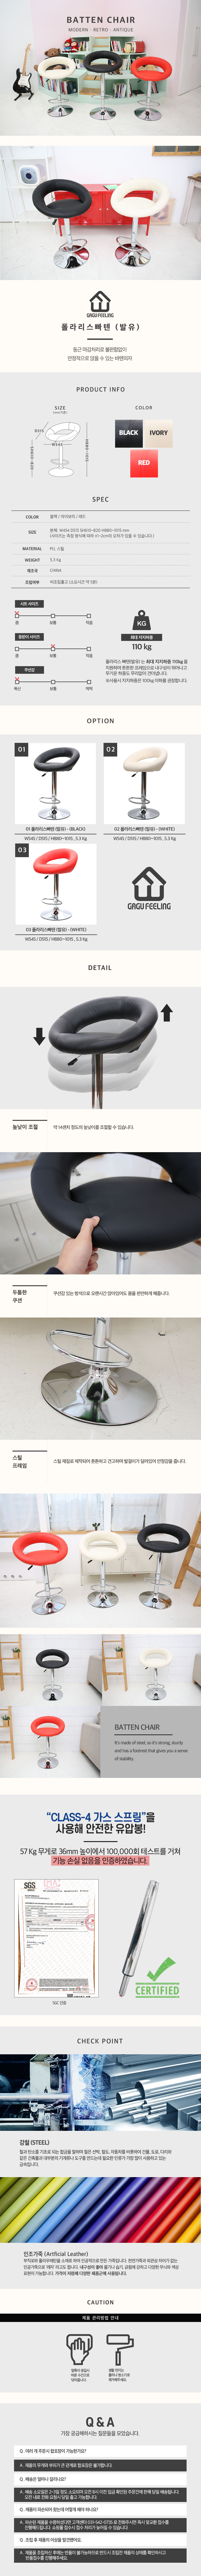 [가구느낌] 폴라리스빠텐(발유) 아일랜드식탁 홈바의자 - 가구느낌, 44,900원, 디자인 의자, 바의자